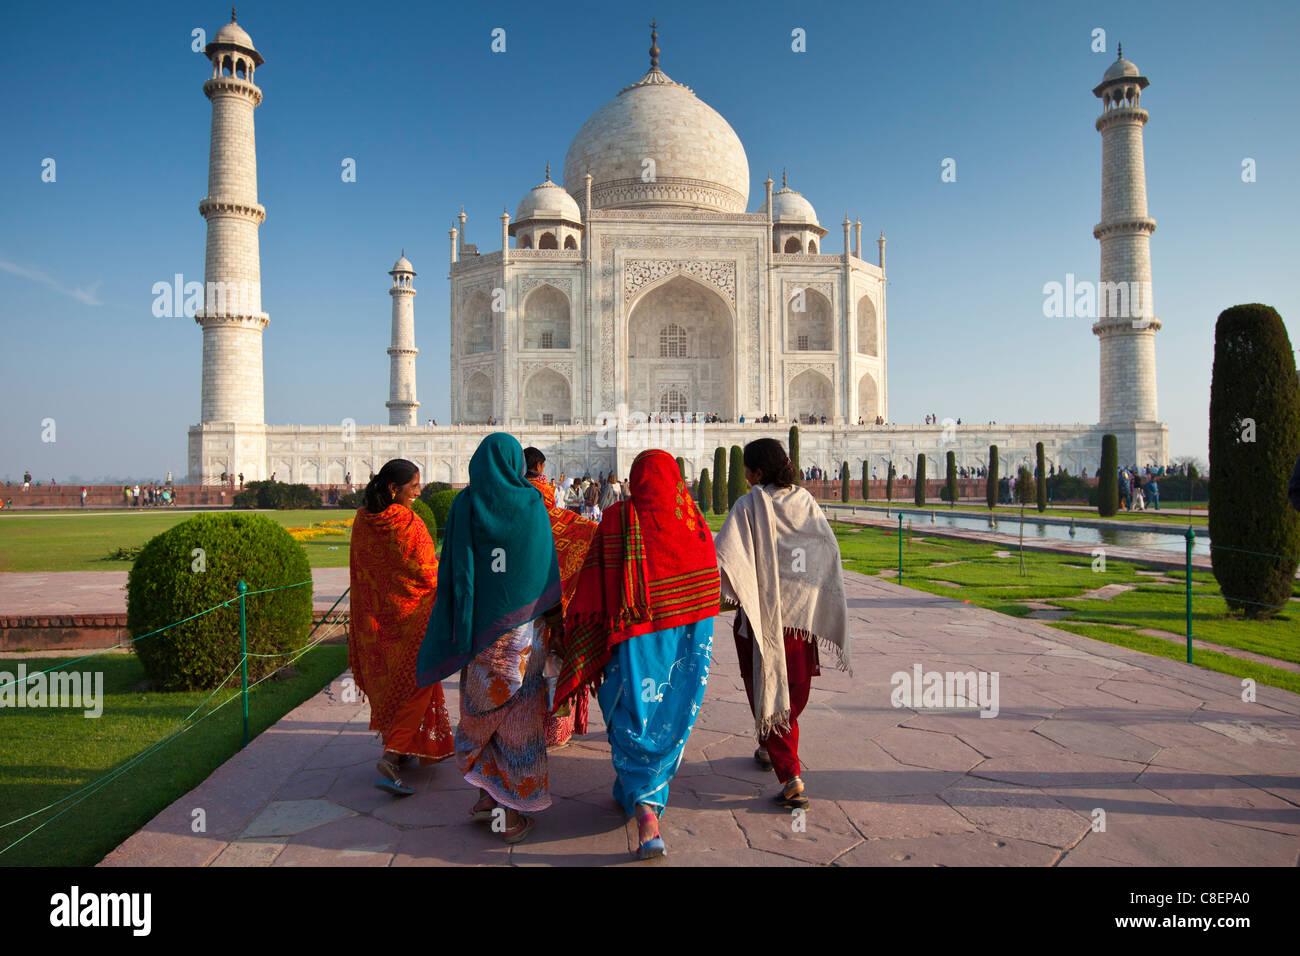 Indian i turisti che visitano il Taj Mahal mausoleo approccio la vista sud, Uttar Pradesh, India Immagini Stock